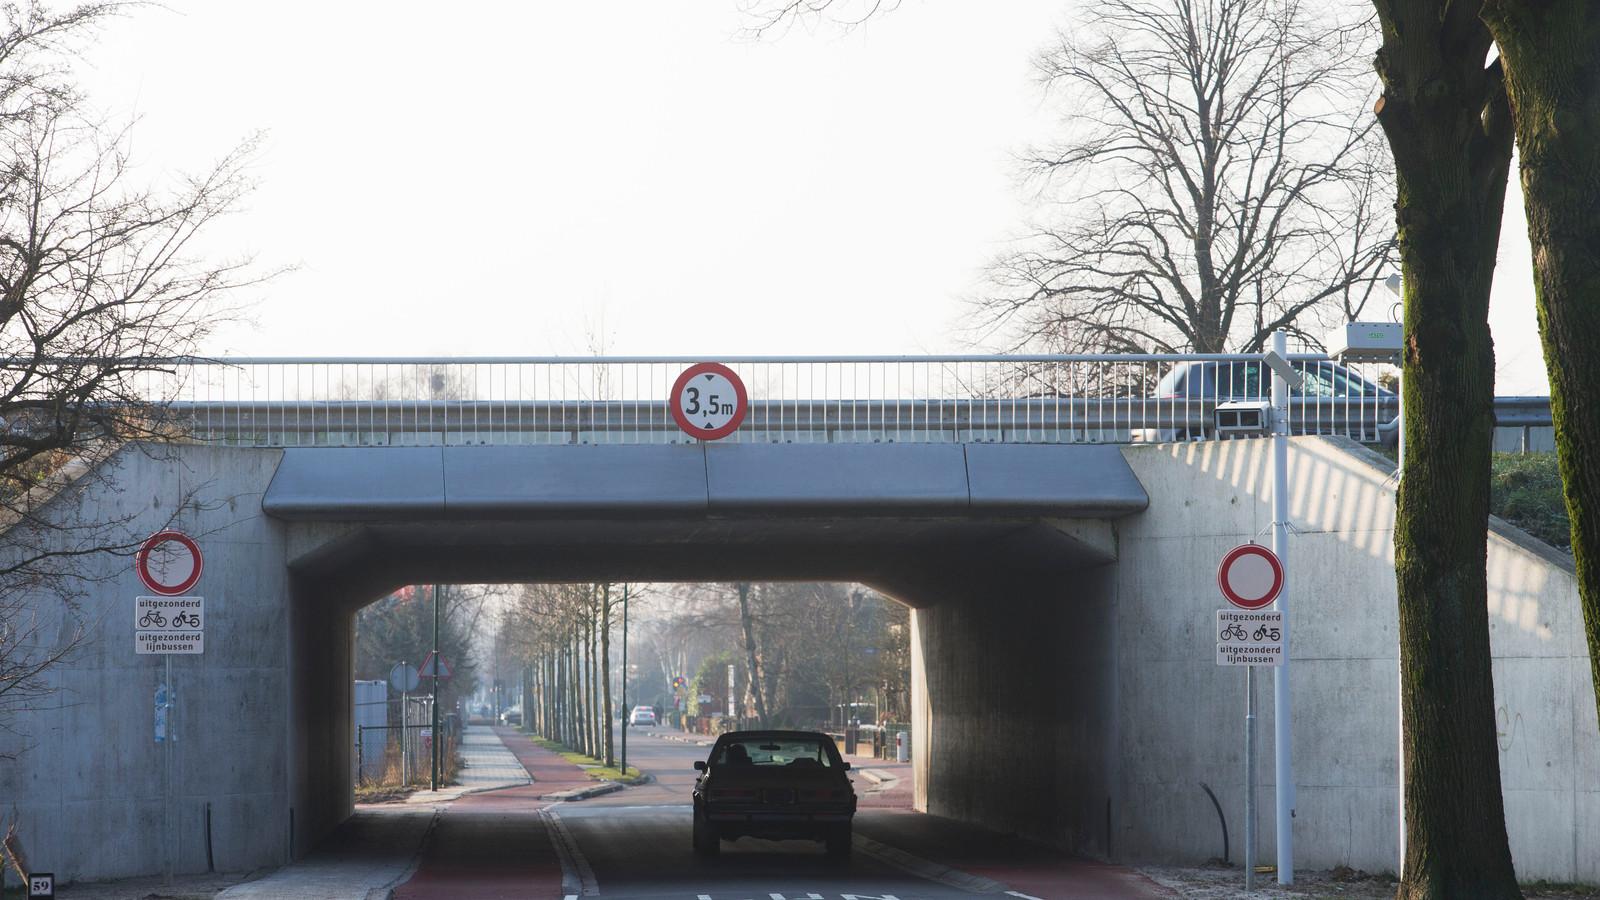 Zo zag de situatie er in december 2013 uit na de afsluiting voor gemotoriseerd verkeer.